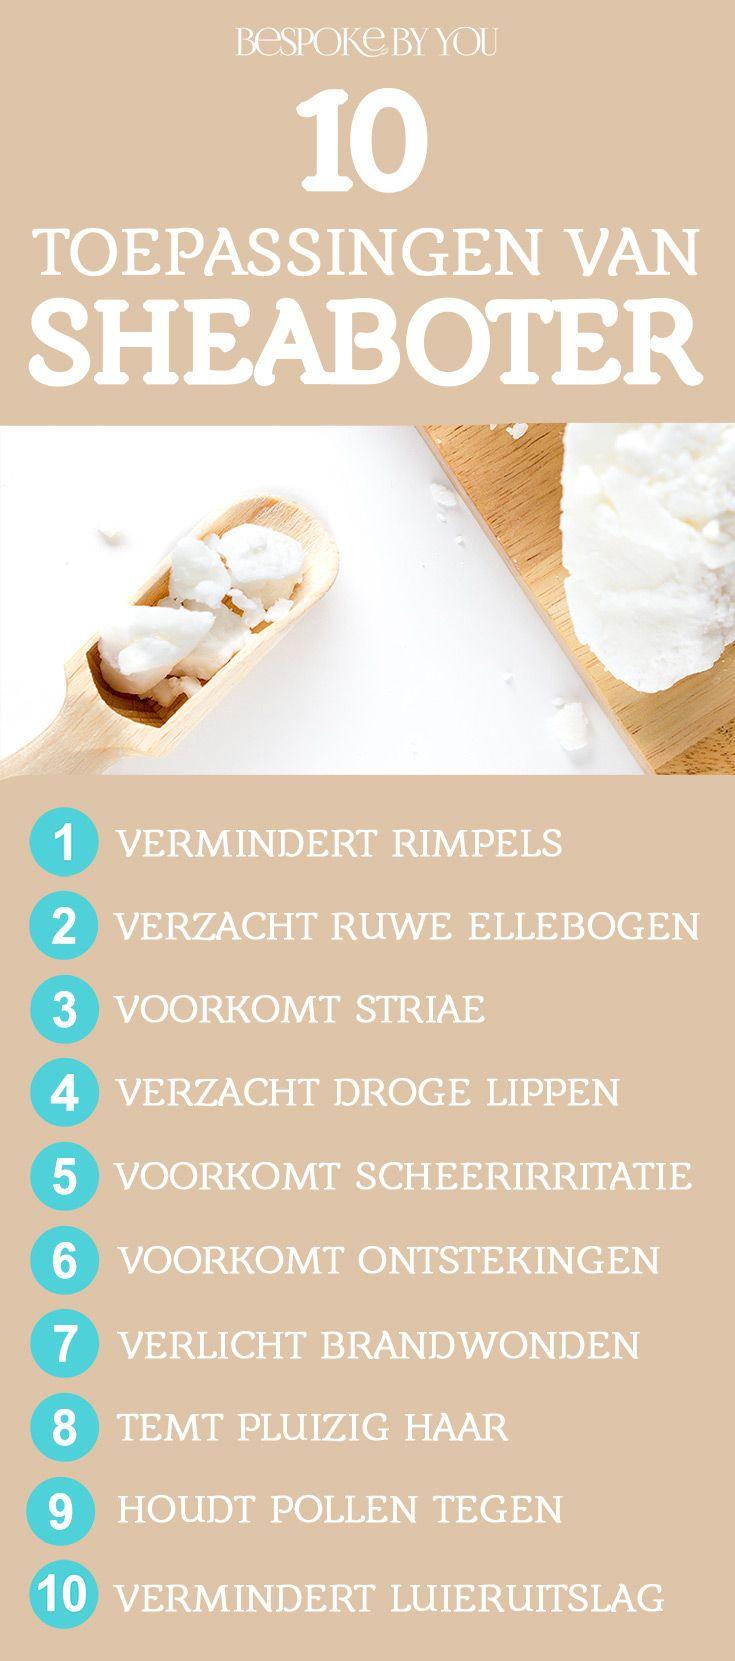 Zeg vaarwel tegen schurende winterhanden, ontembaar haar en een geïrriteerde huid: 10 fantastische redenen om sheaboter te gebruiken! Sheaboter is het alternatief voor kokosolie en kan het allemaal! Verkrijgbaar in de webshop van Bespoke By You.